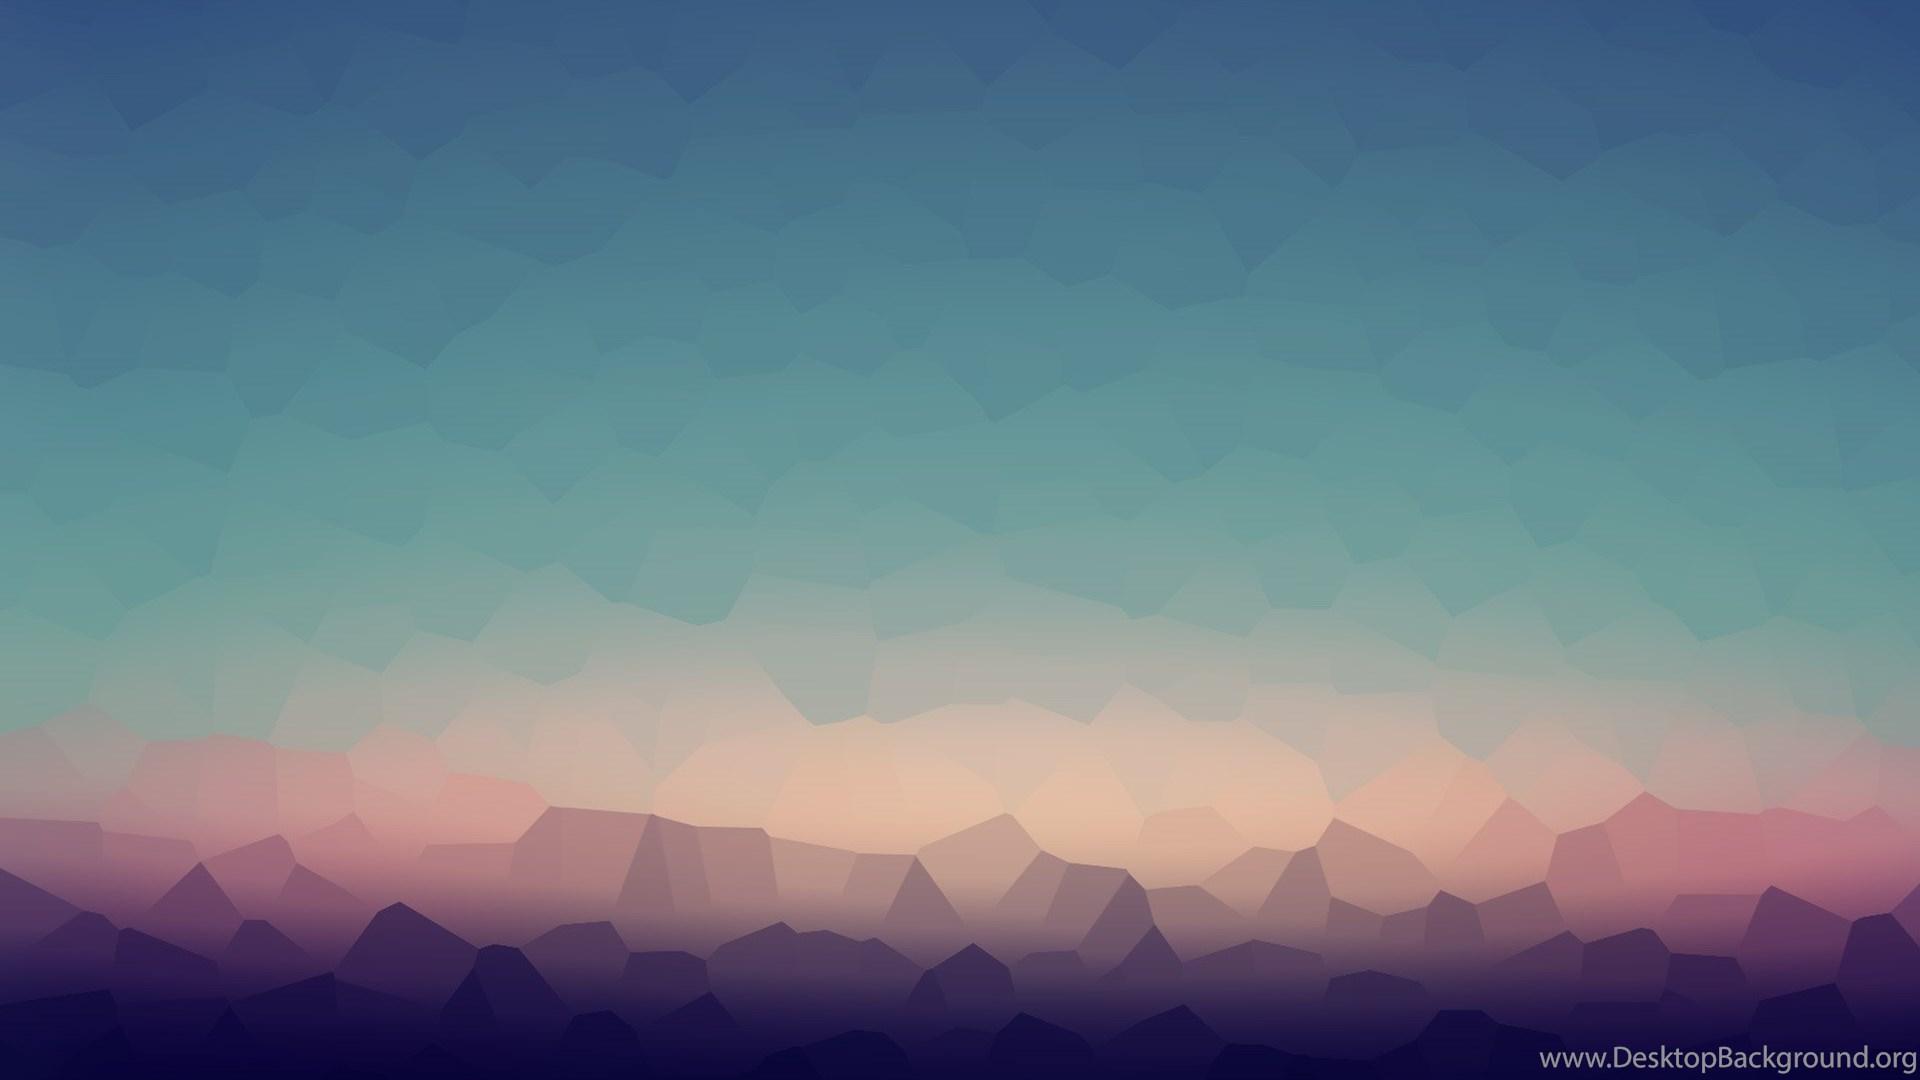 Desktop Backgrounds For Macbook Air Wallpapers Zone Desktop Background